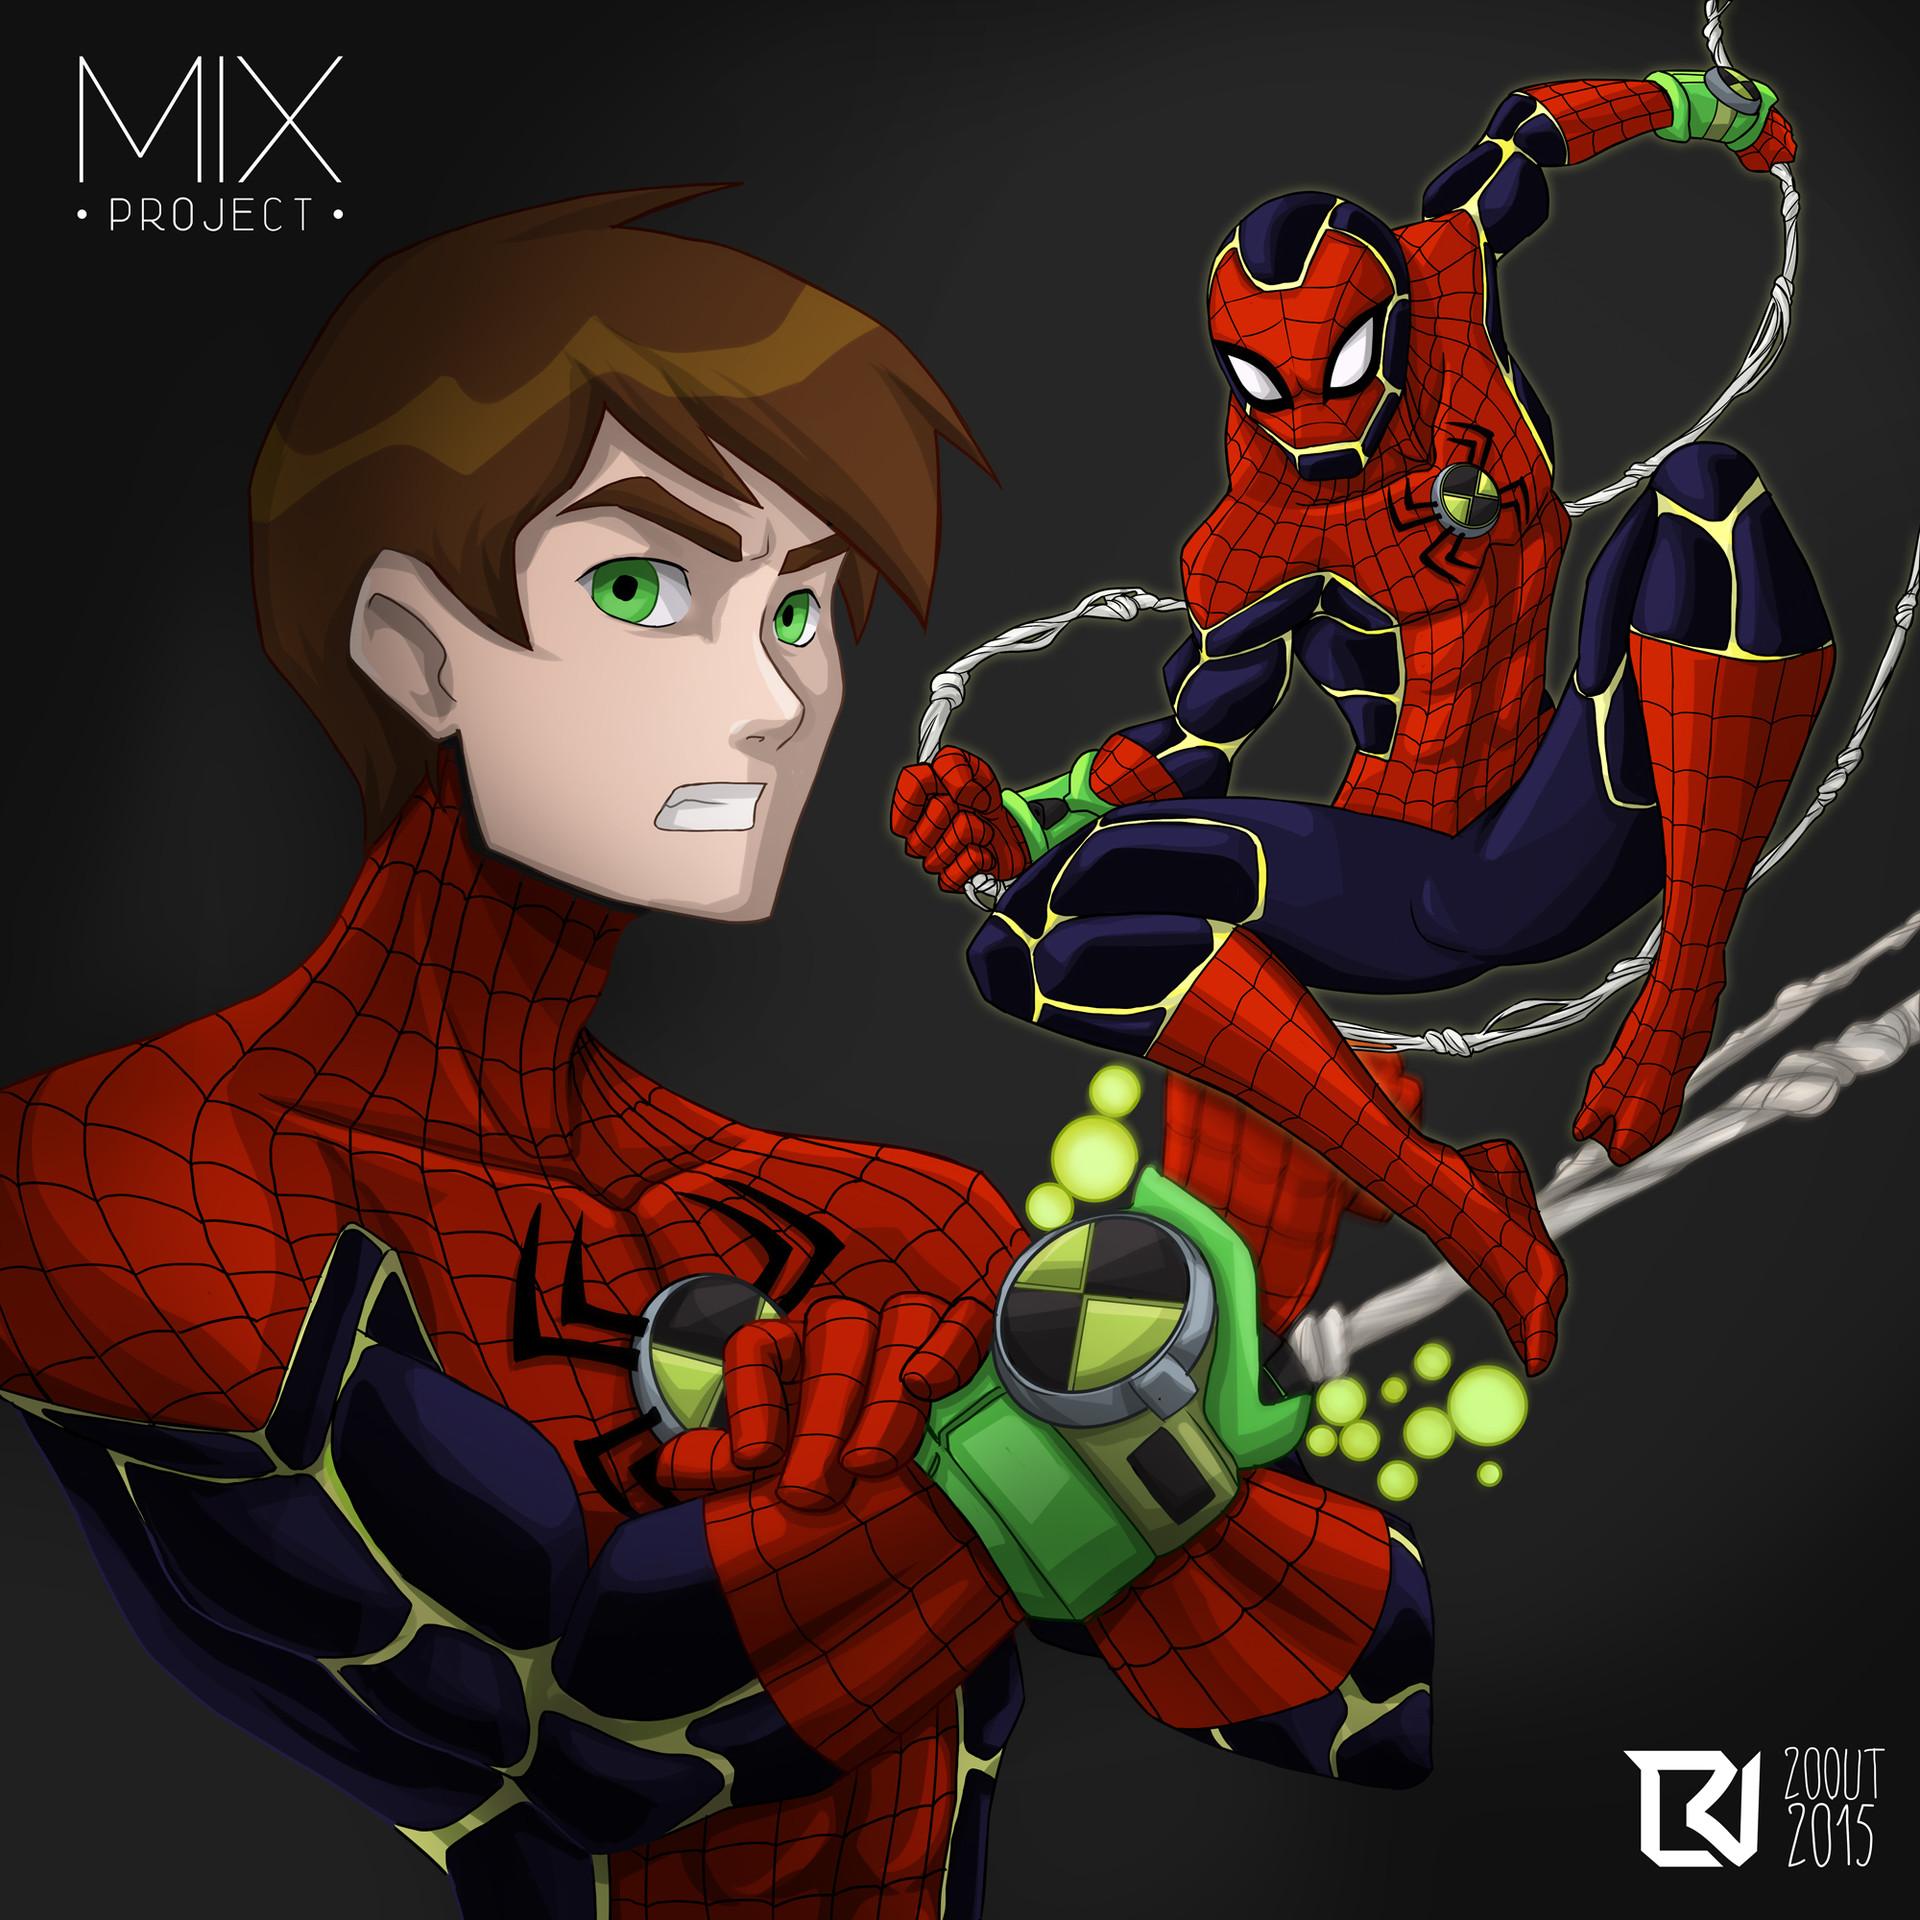 Luiz raffaello ben spider